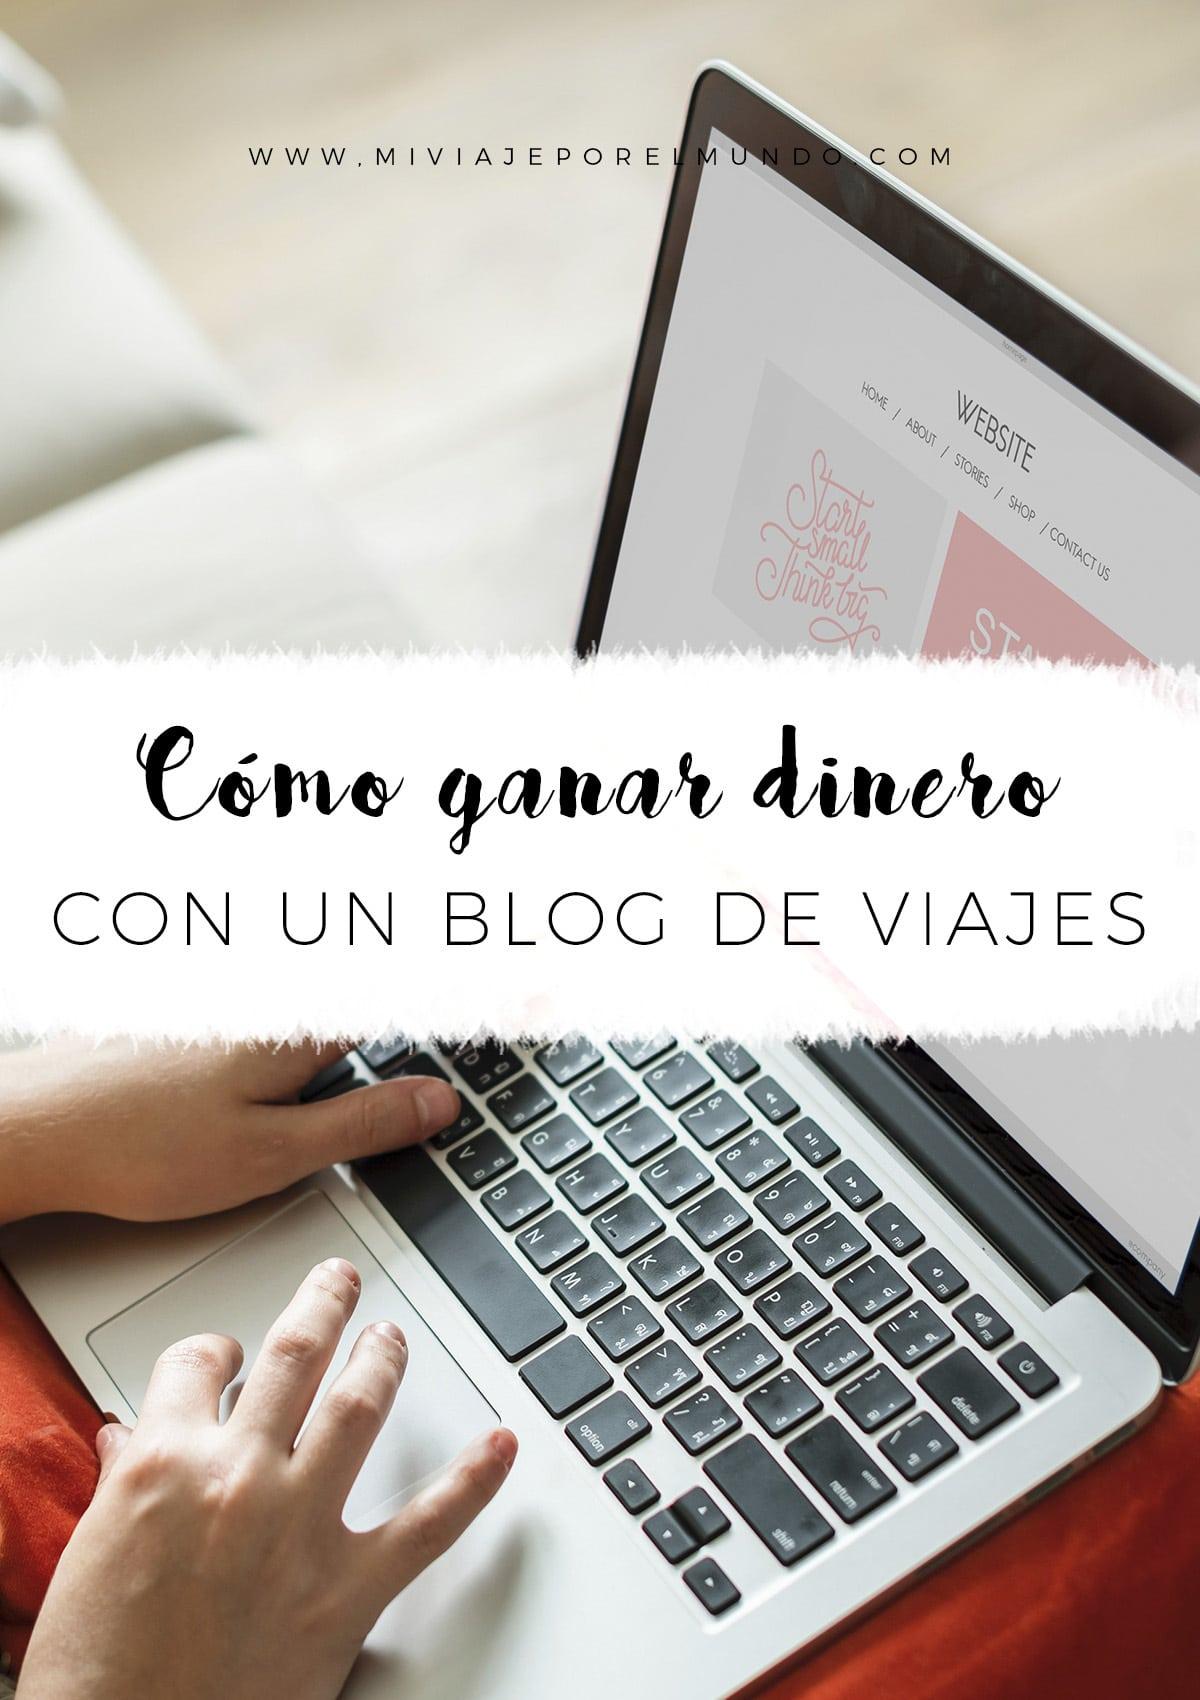 cuanto dinero se puede ganar con un blog de viajes